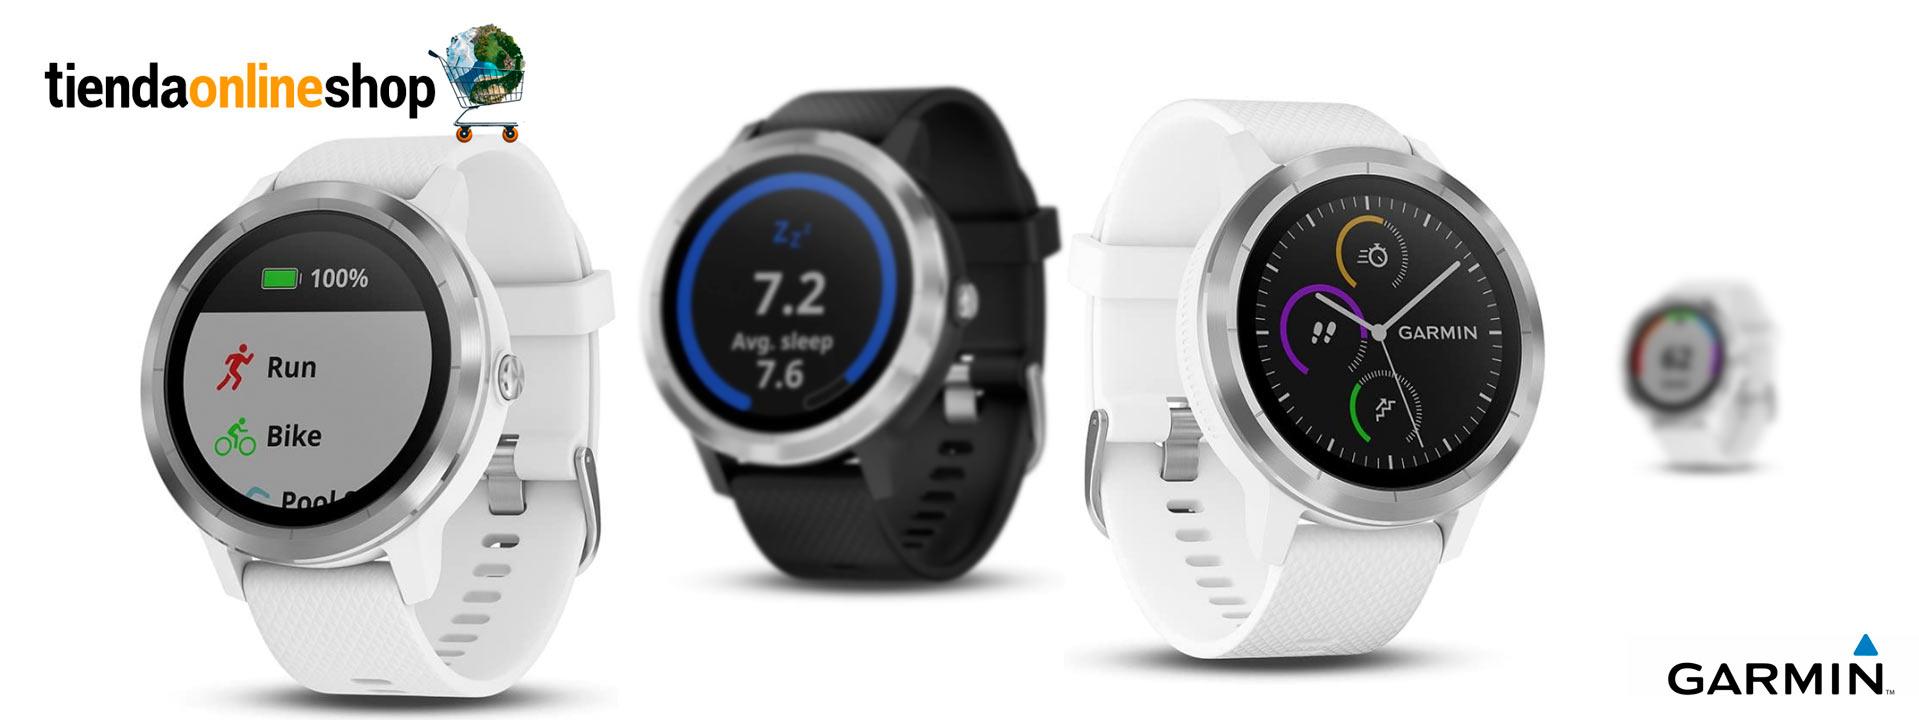 reloj-inteligente-garmin-vivoactive-3-smartwatch-con-gps-y-pulso-05